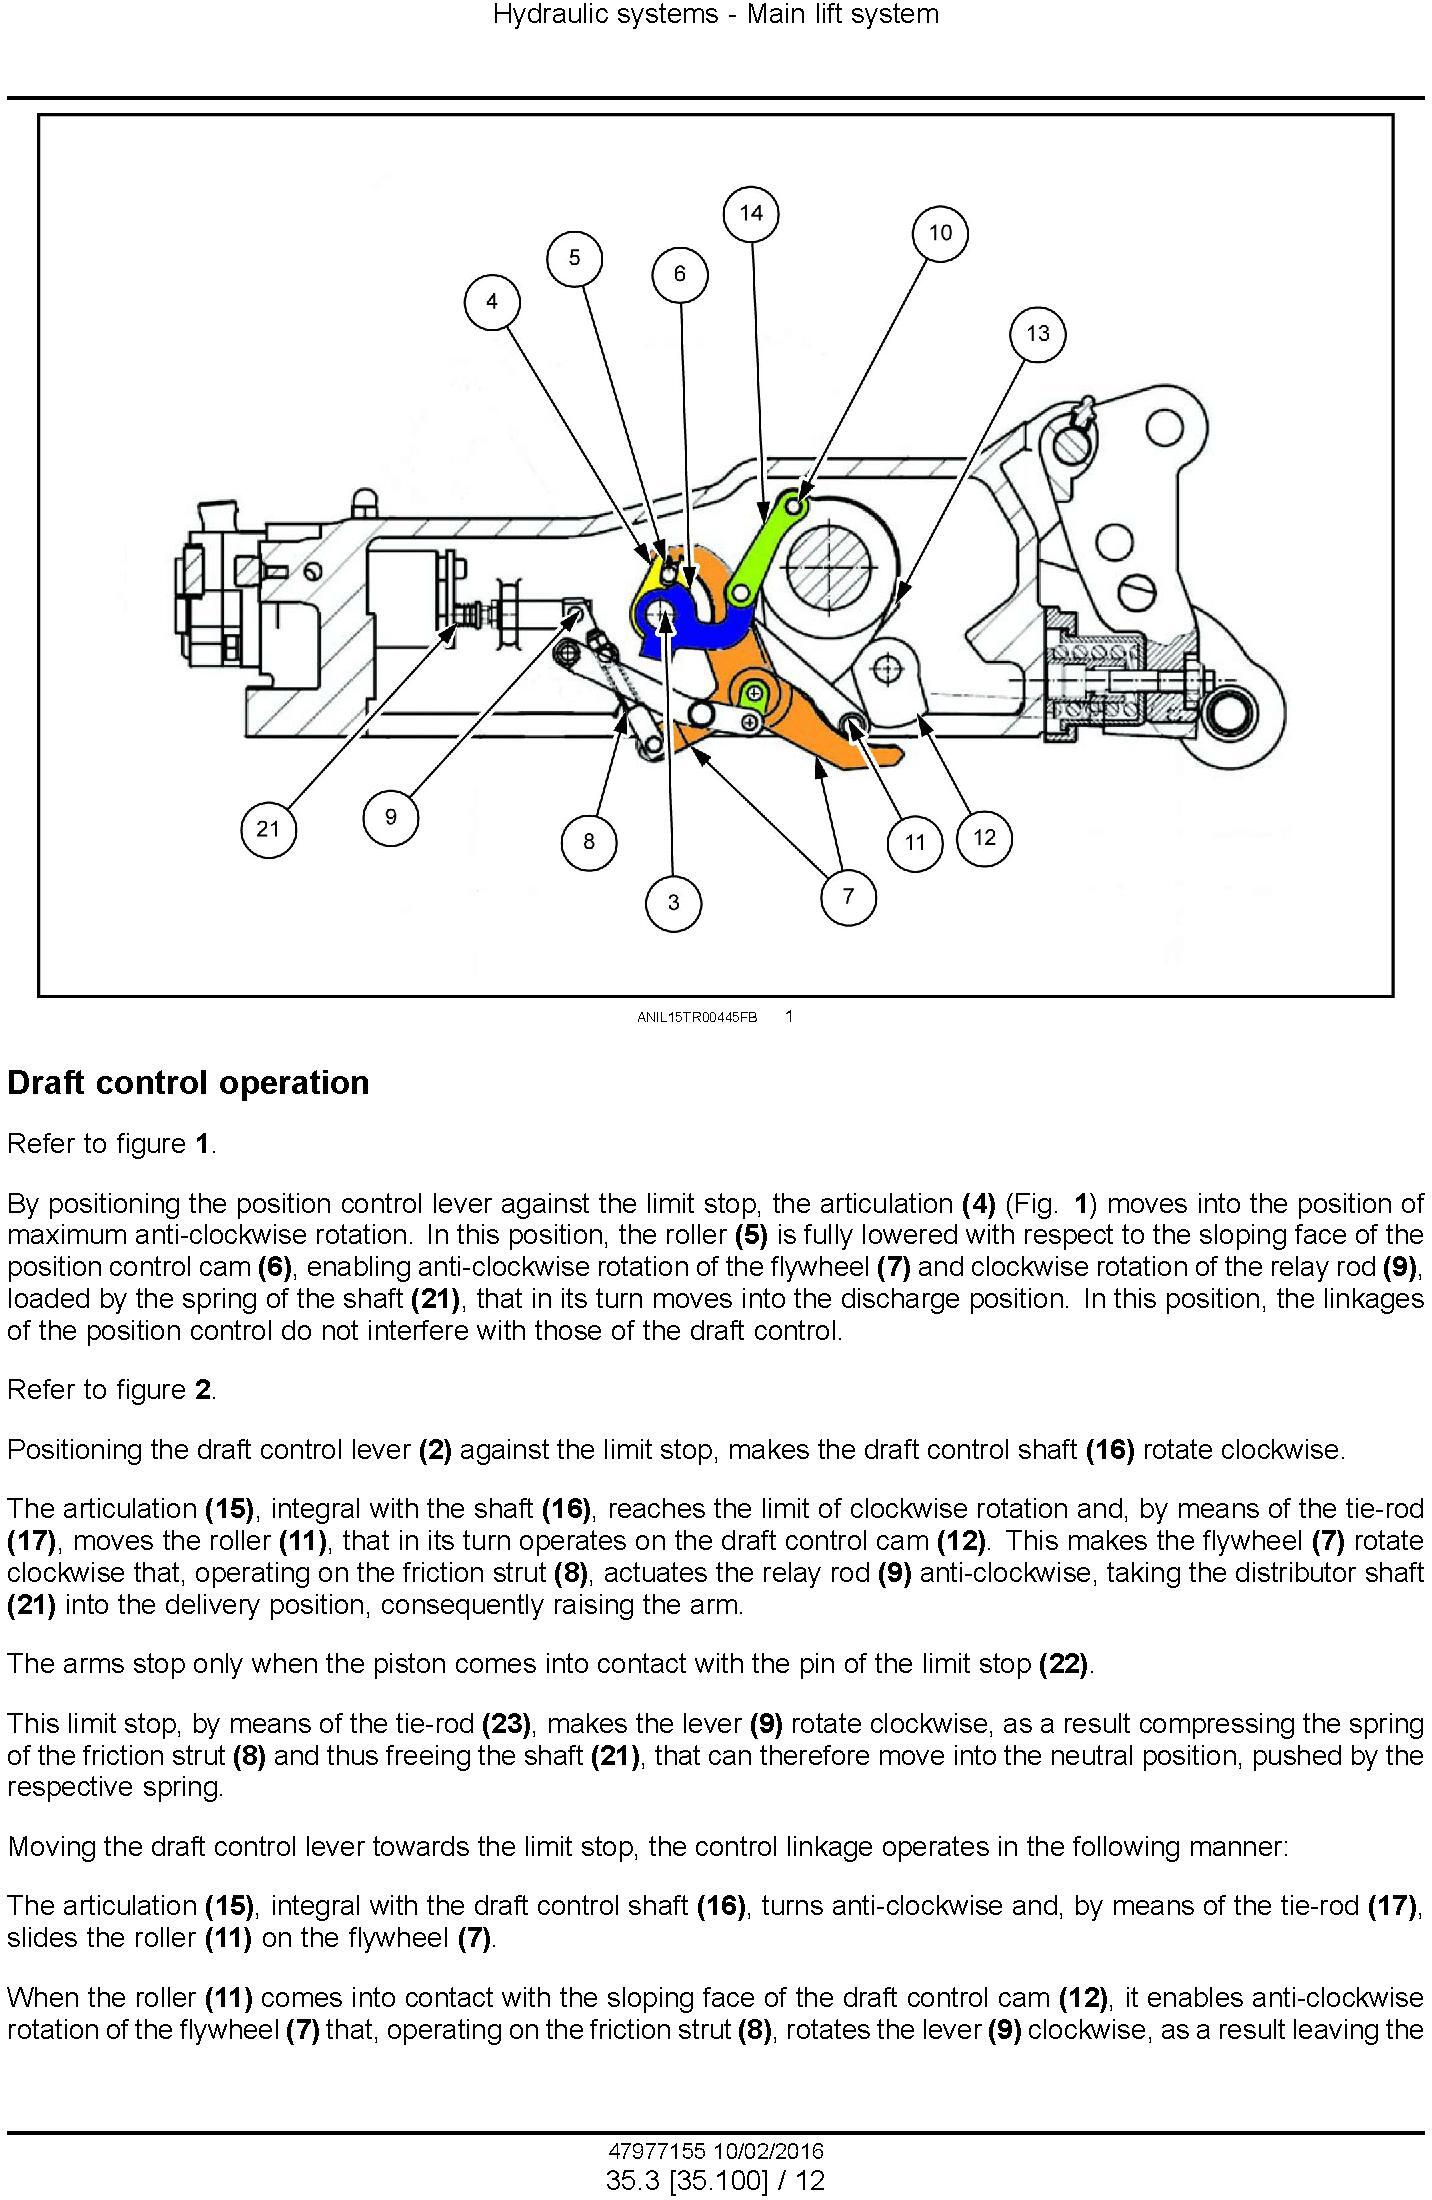 New Holland T3.50F, T3.55F, T3.65F, T3.75F Tractor Service Manual - 3